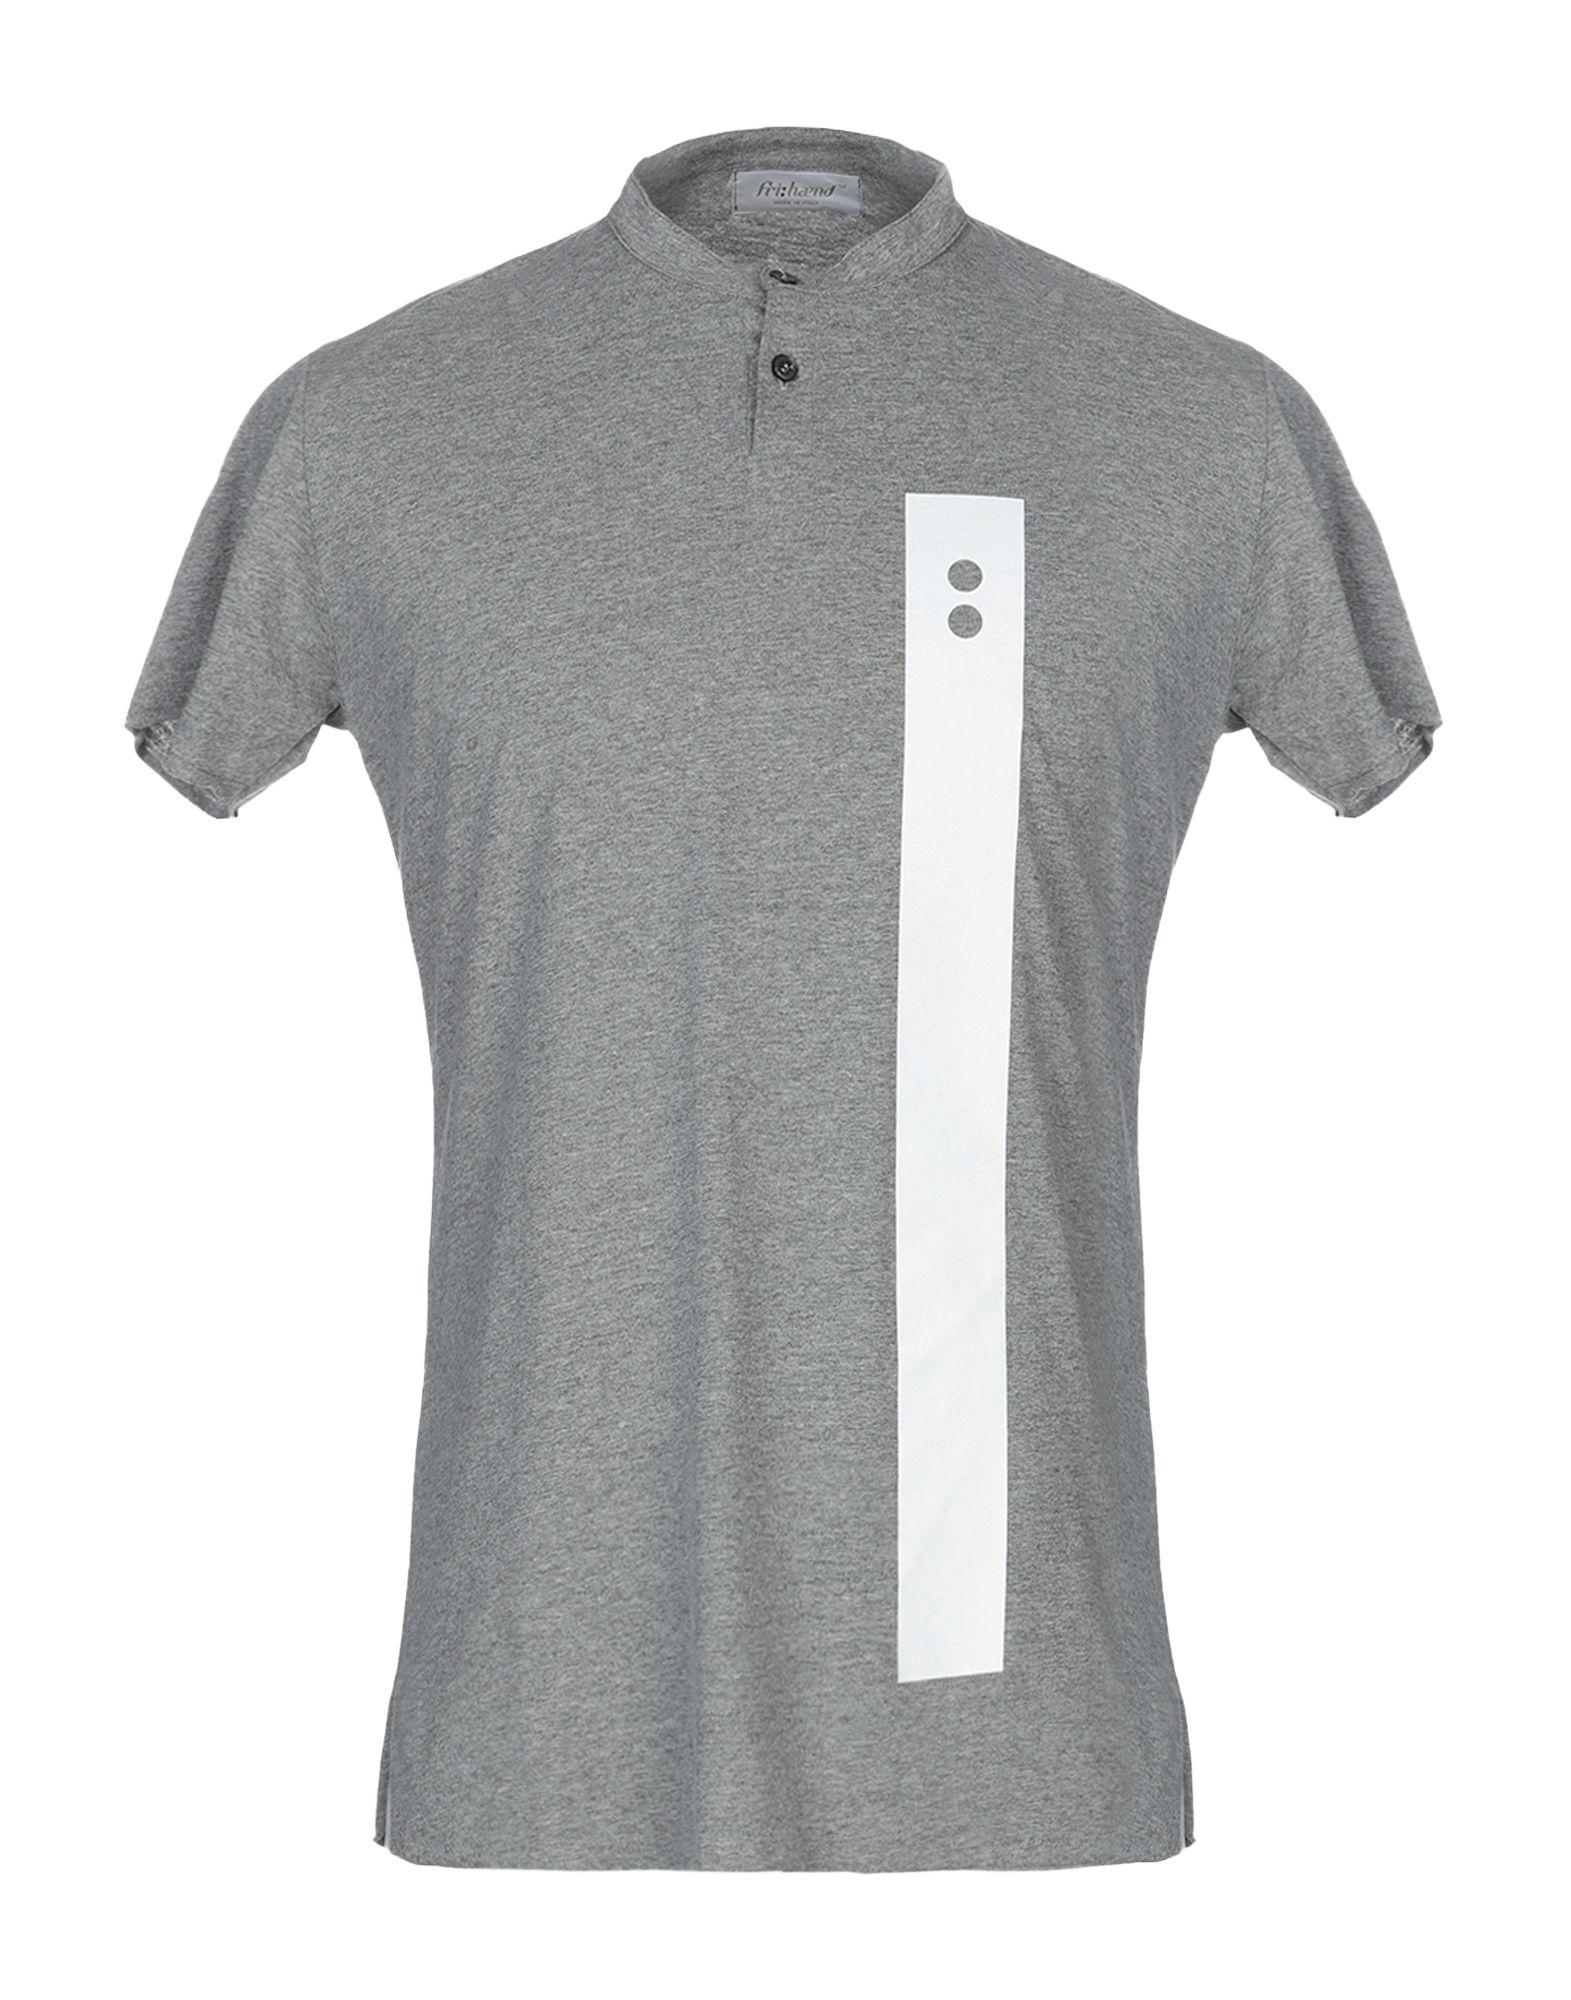 《送料無料》FRI: HAEND メンズ T シャツ グレー S コットン 100%